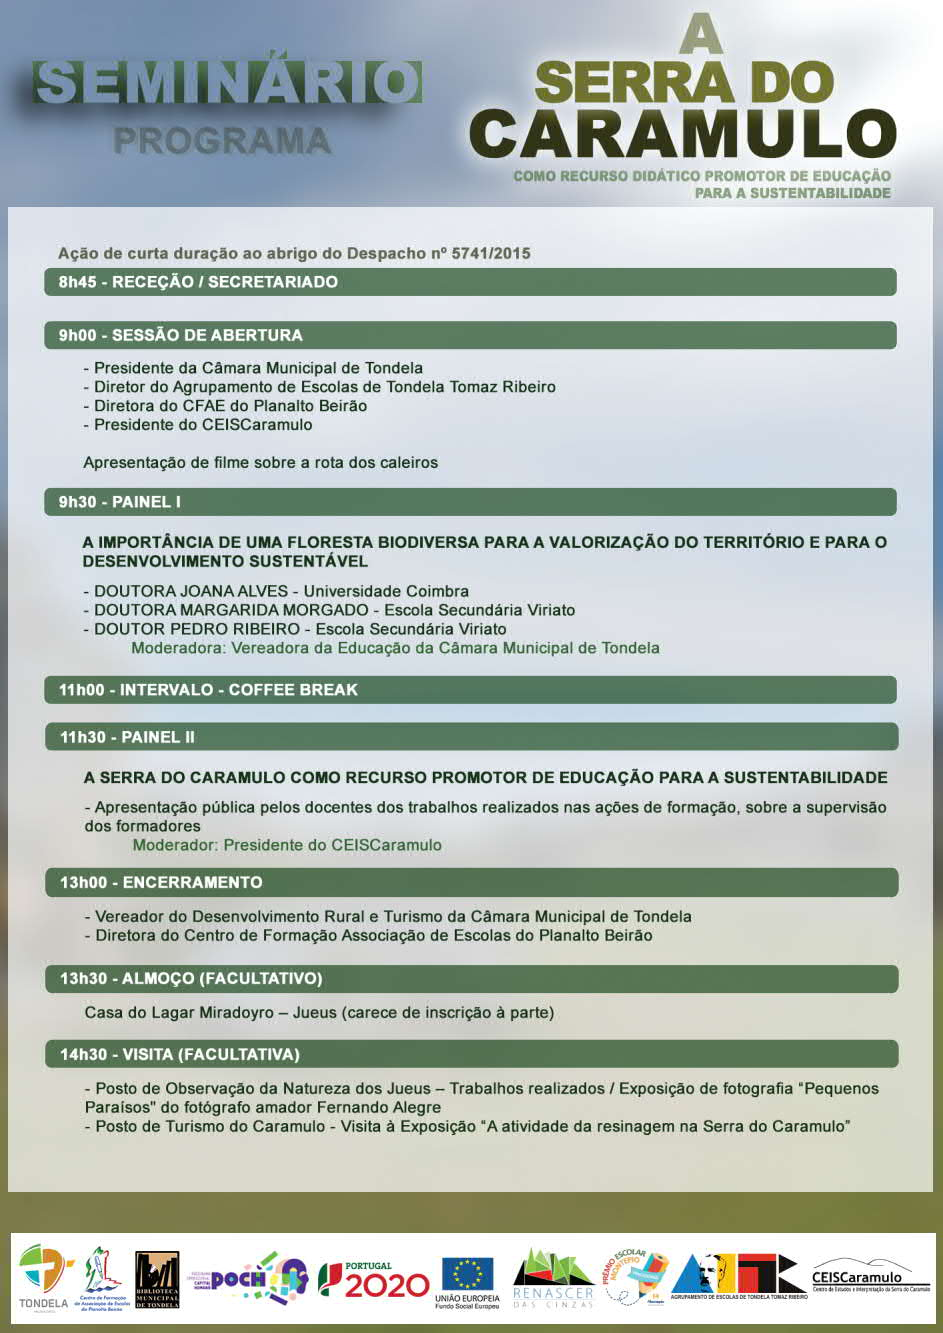 A Serra do Caramulo como Recurso Didáctico Promotor de Educação para a Sustentabilidade